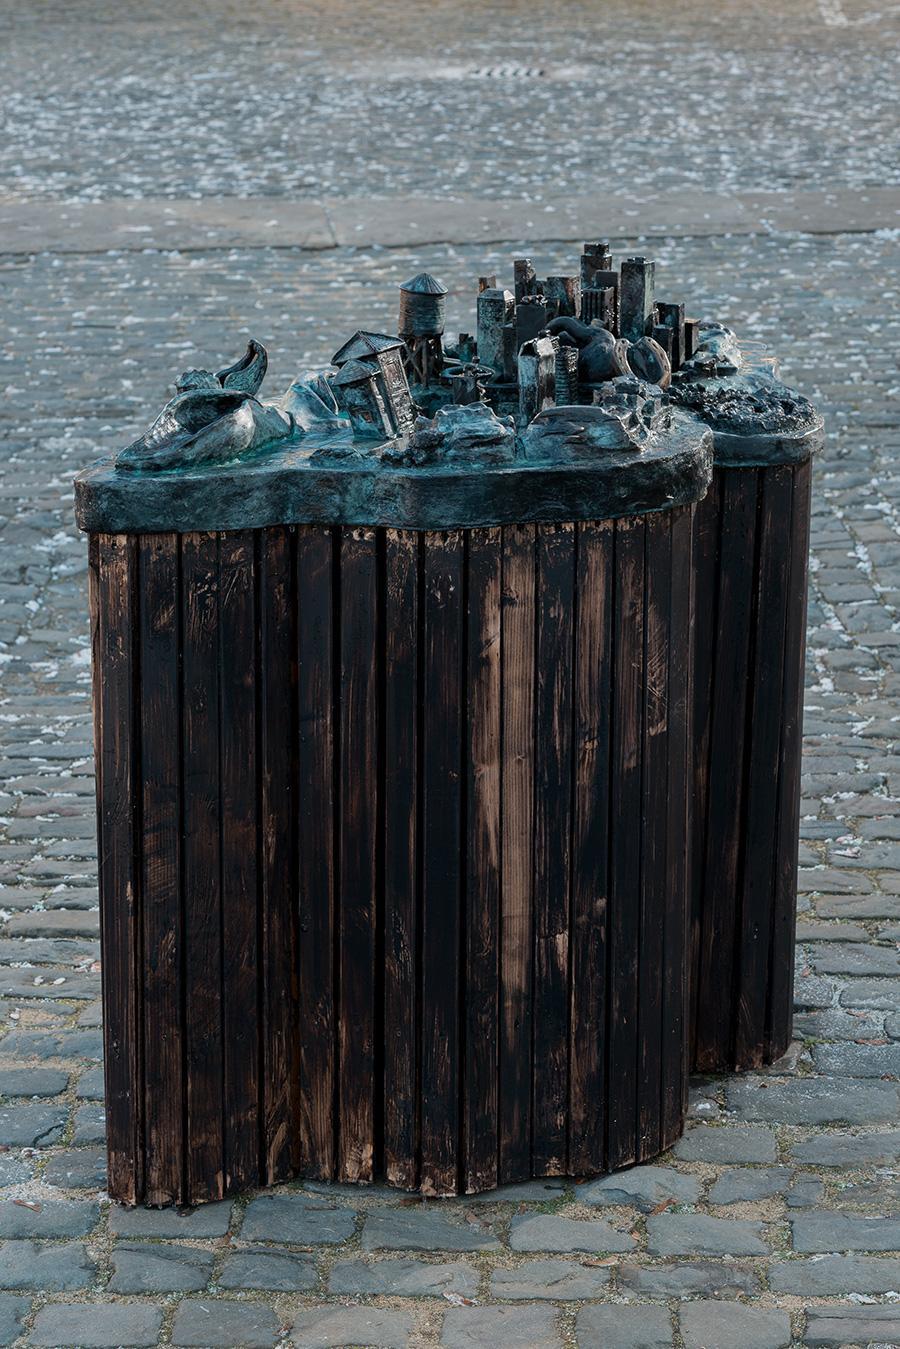 Lena-Henke-City-Lights-(Dead-Horse-Bay)-2016